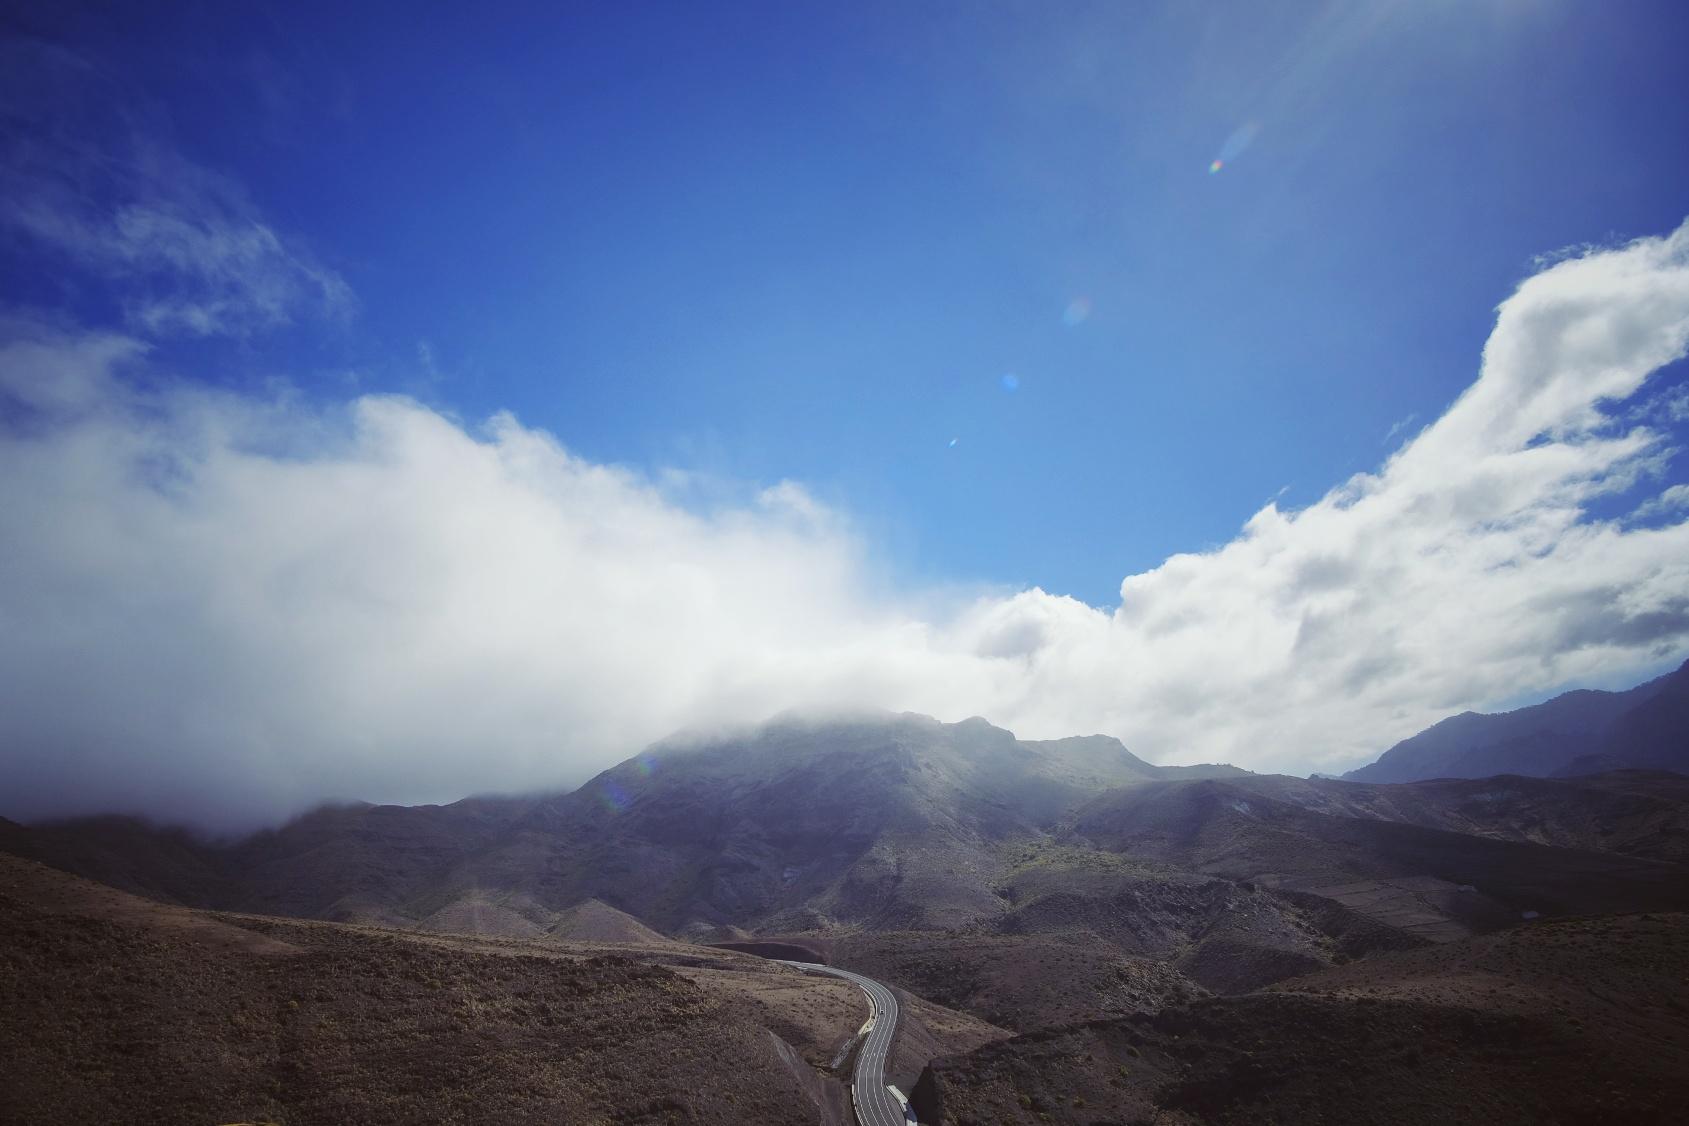 Talviloma Kanarialla – Las Palmas, päivä 2, ajelu saaren ympäri ja upeissa vuoristomaisemissa!